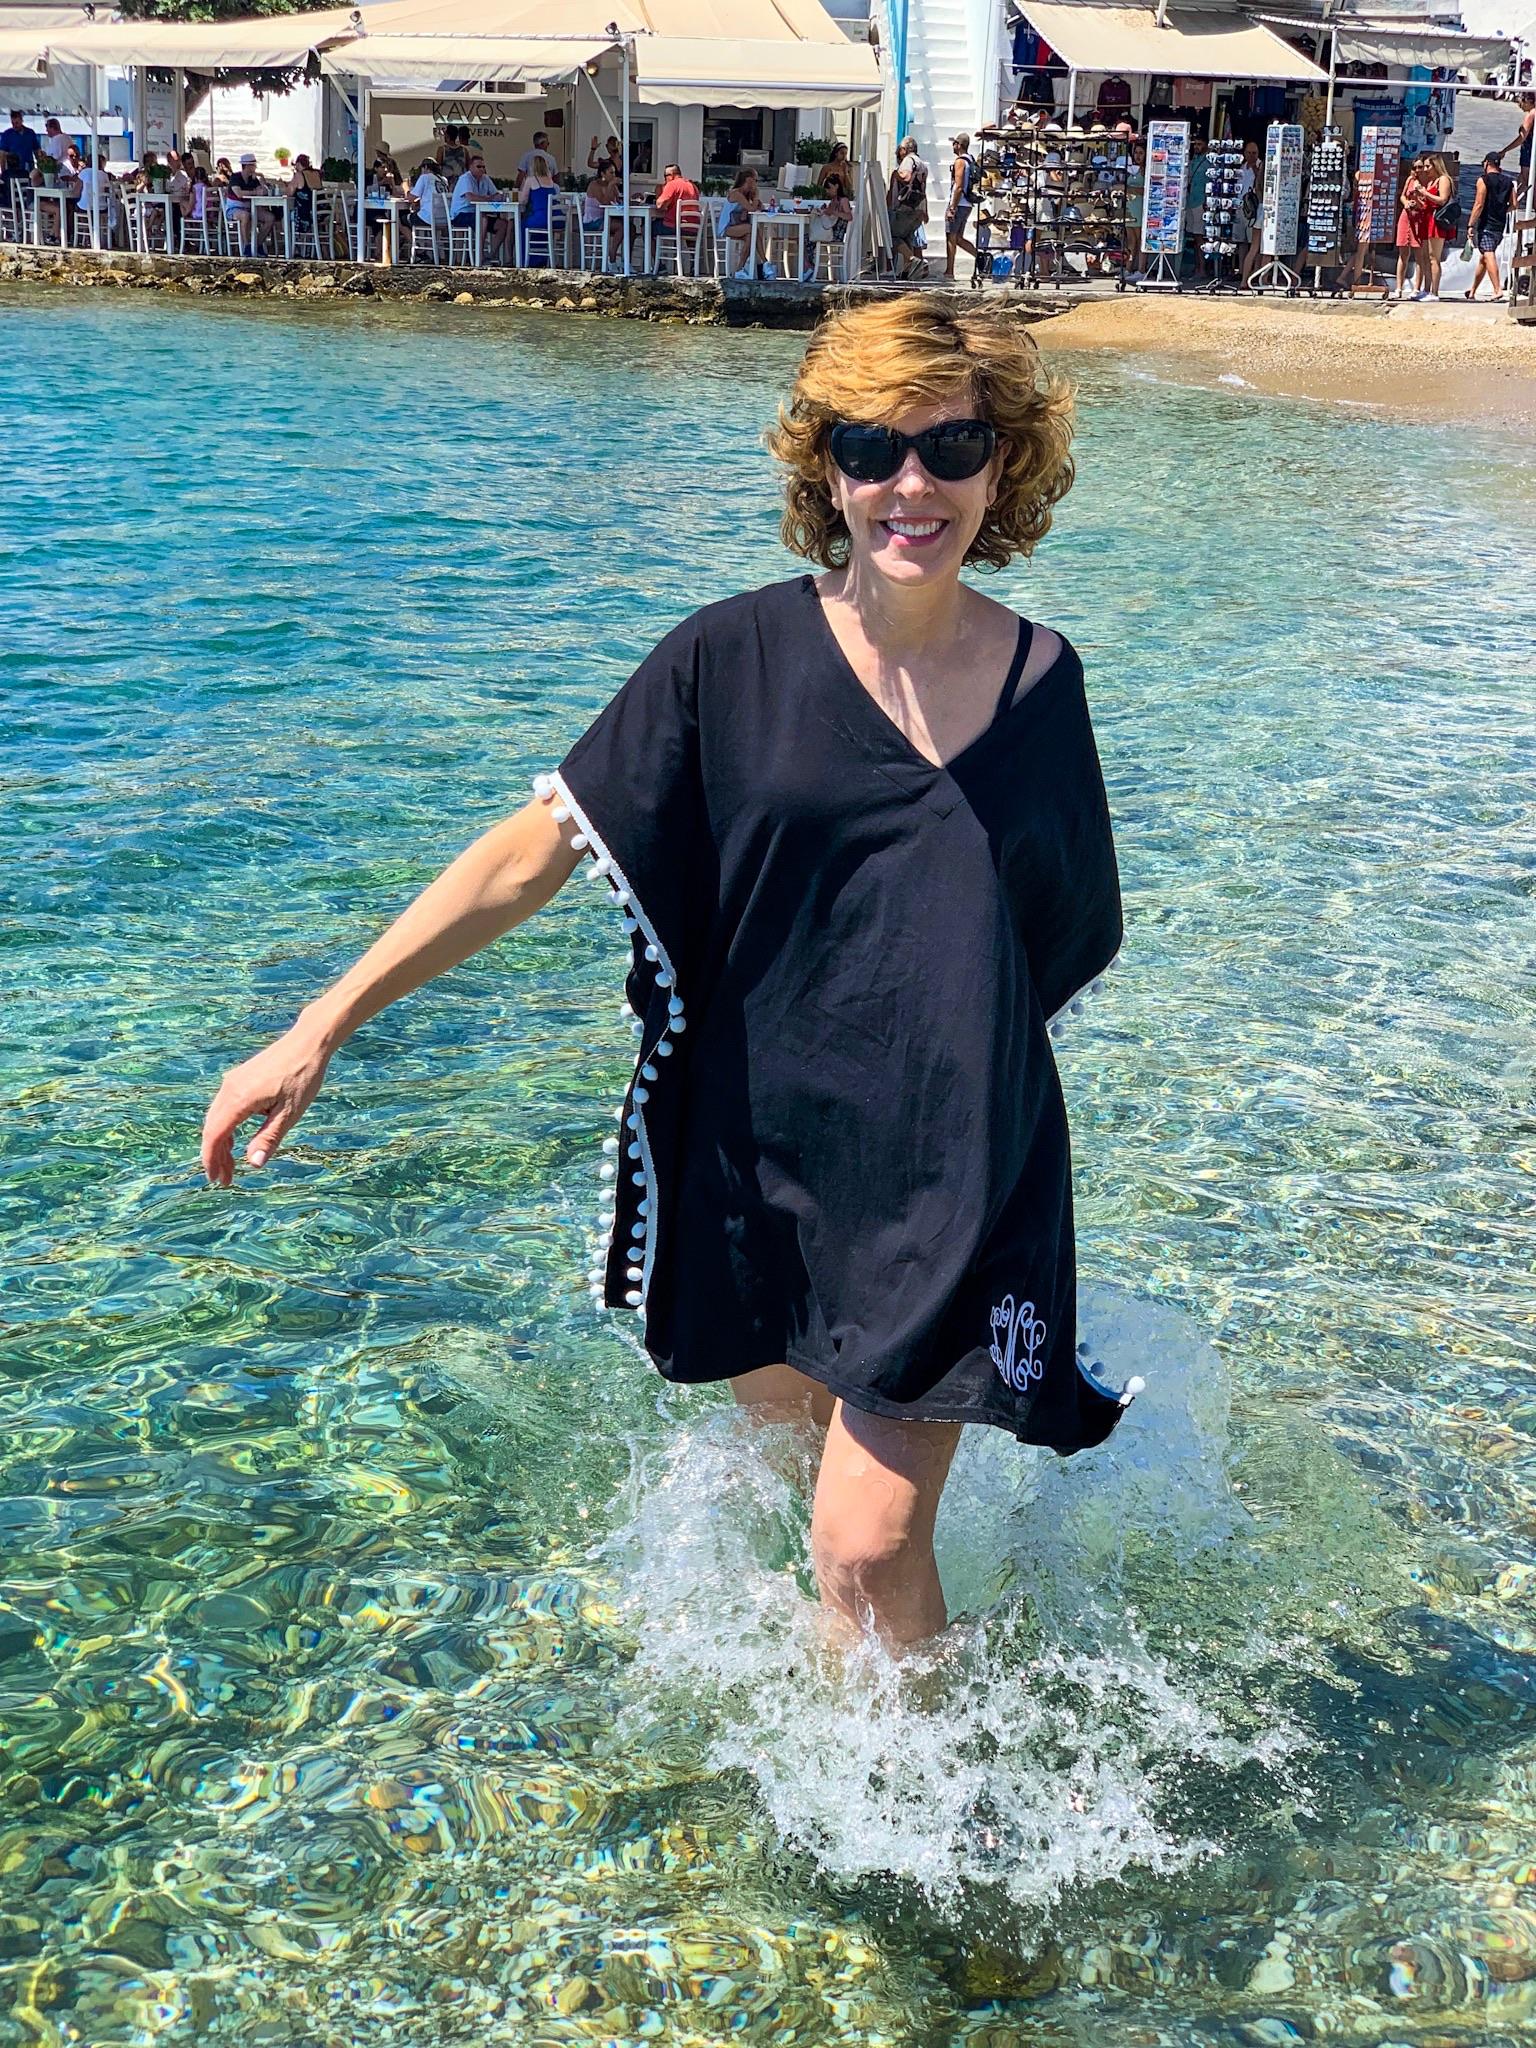 a woman wearing a black coverup in the water in mykonos greece